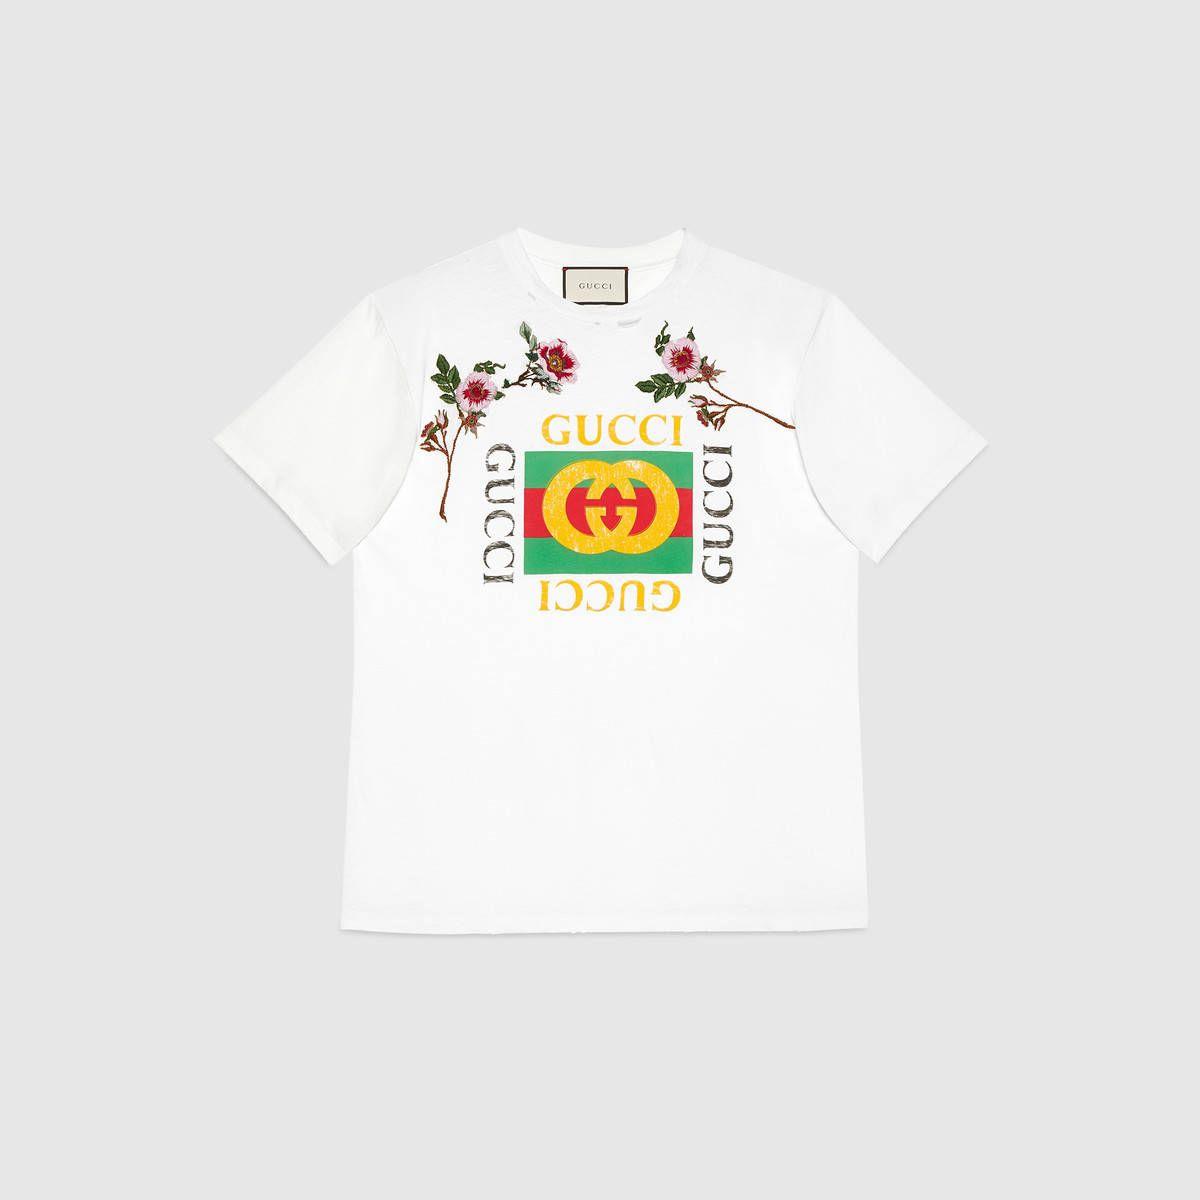 b02a66b27c5 Gucci print cotton t-shirt